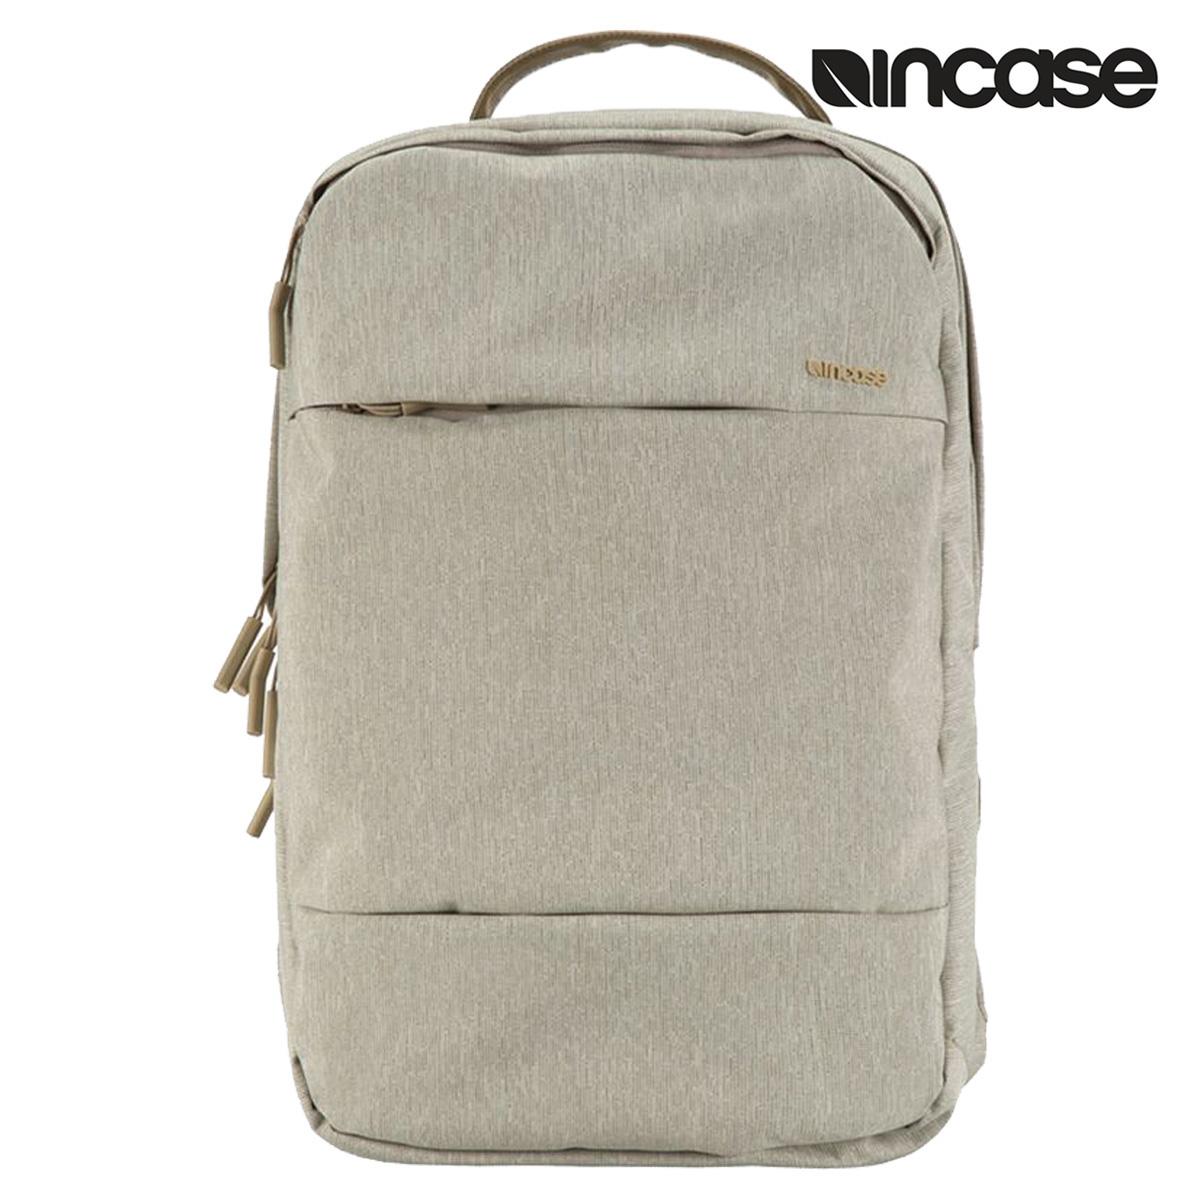 インケース INCASE バックパック リュック 19L CITY BACKPACK INCO100207 レディース メンズ ヘザーカーキ